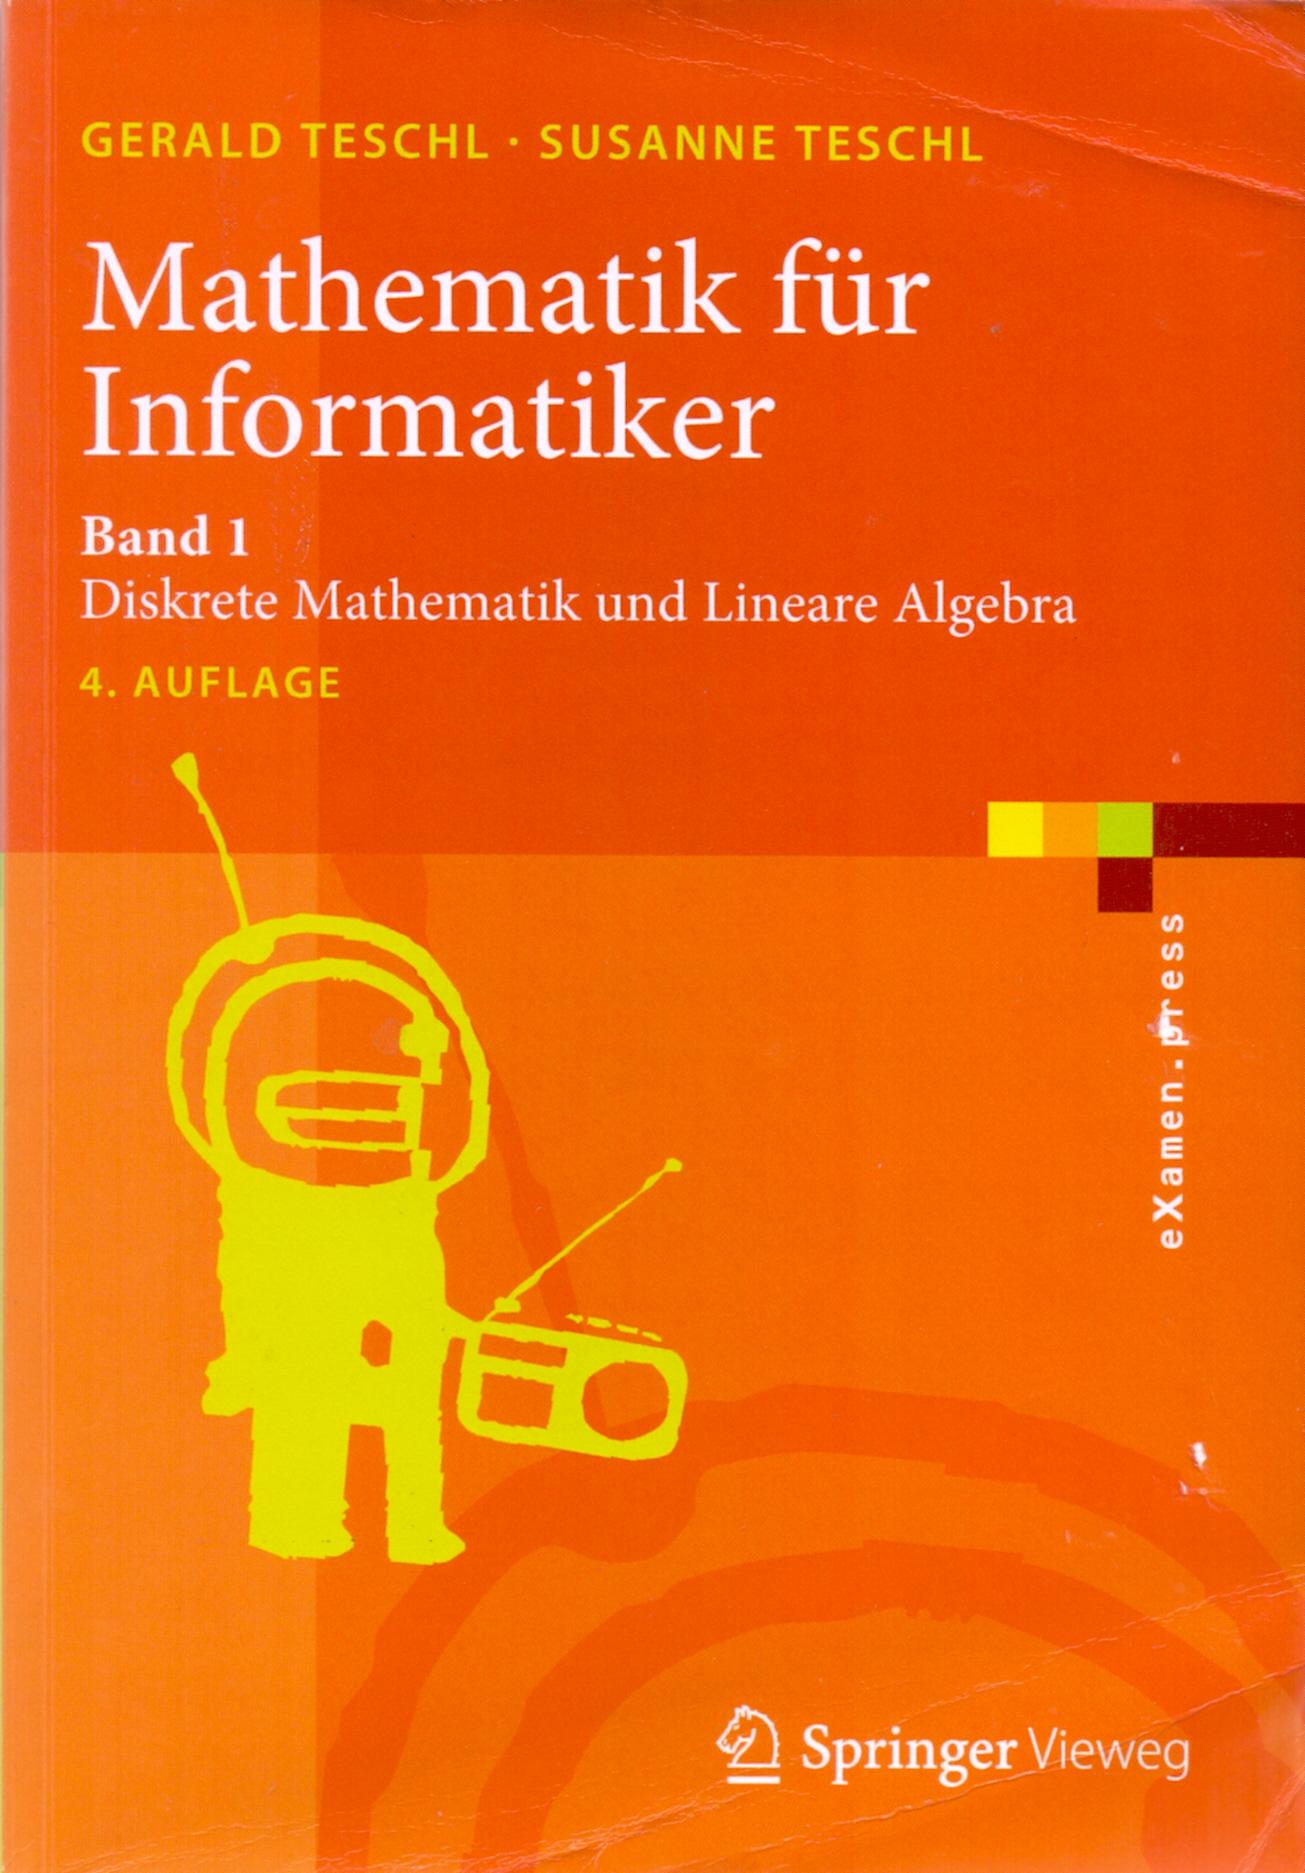 Mathematik für Informatiker: Band 1 - Diskrete Mathematik und Lineare Algebra - Gerald Teschl [Taschenbuch, 4. Auflage 2